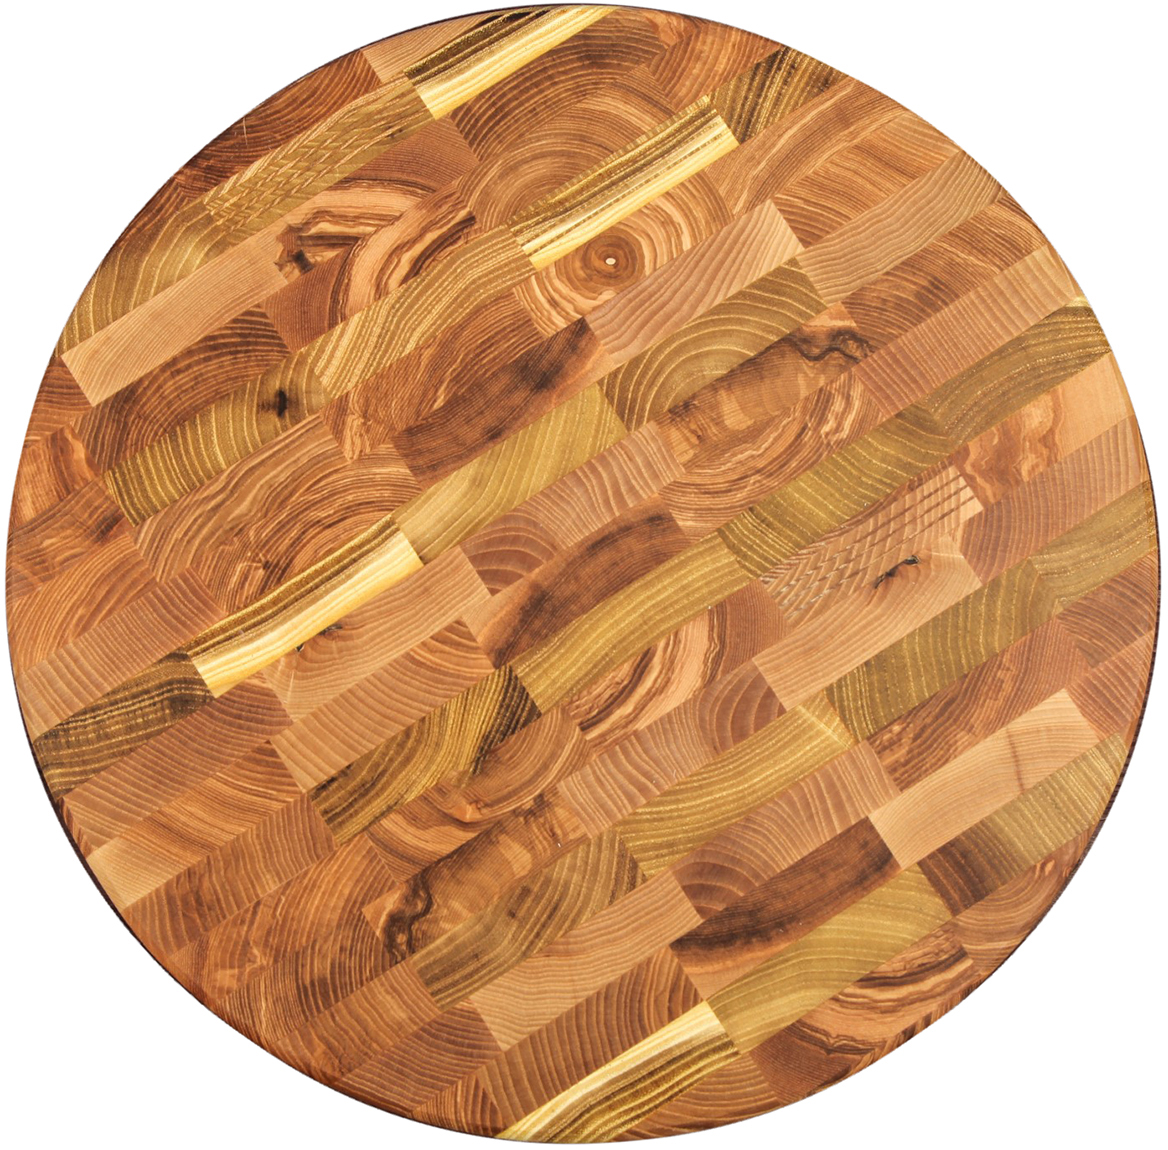 Доска разделочная Доброе дерево, торцевая, цвет: коричневый, 35 х 35 х 3,5 см